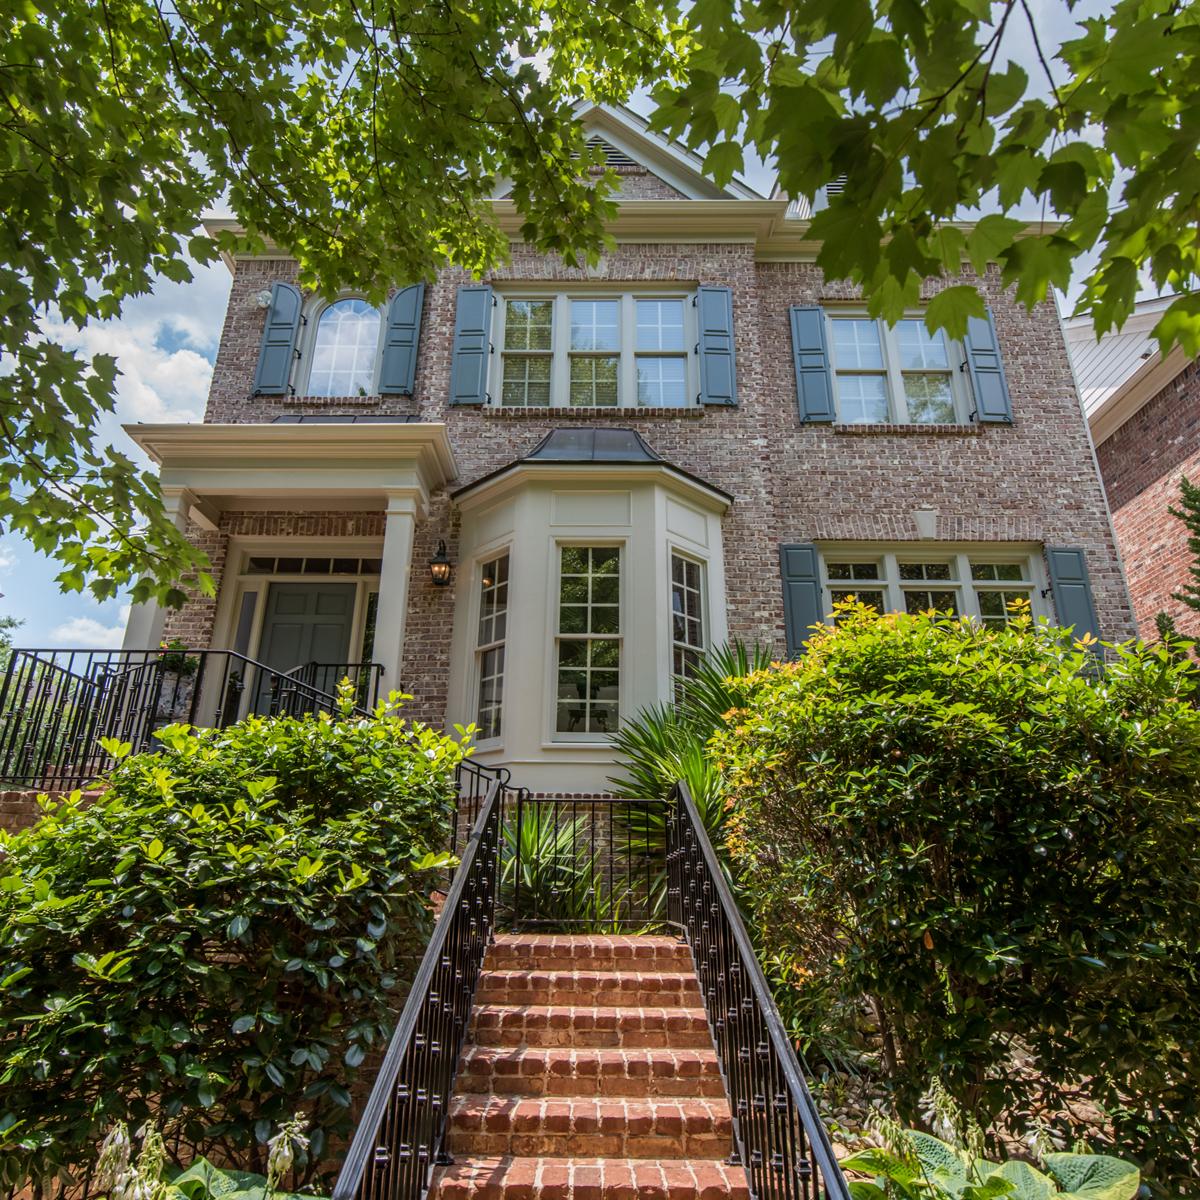 Частный односемейный дом для того Продажа на Valley Overlook 1123 Valley Overlook Drive Atlanta, Джорджия, 30324 Соединенные Штаты